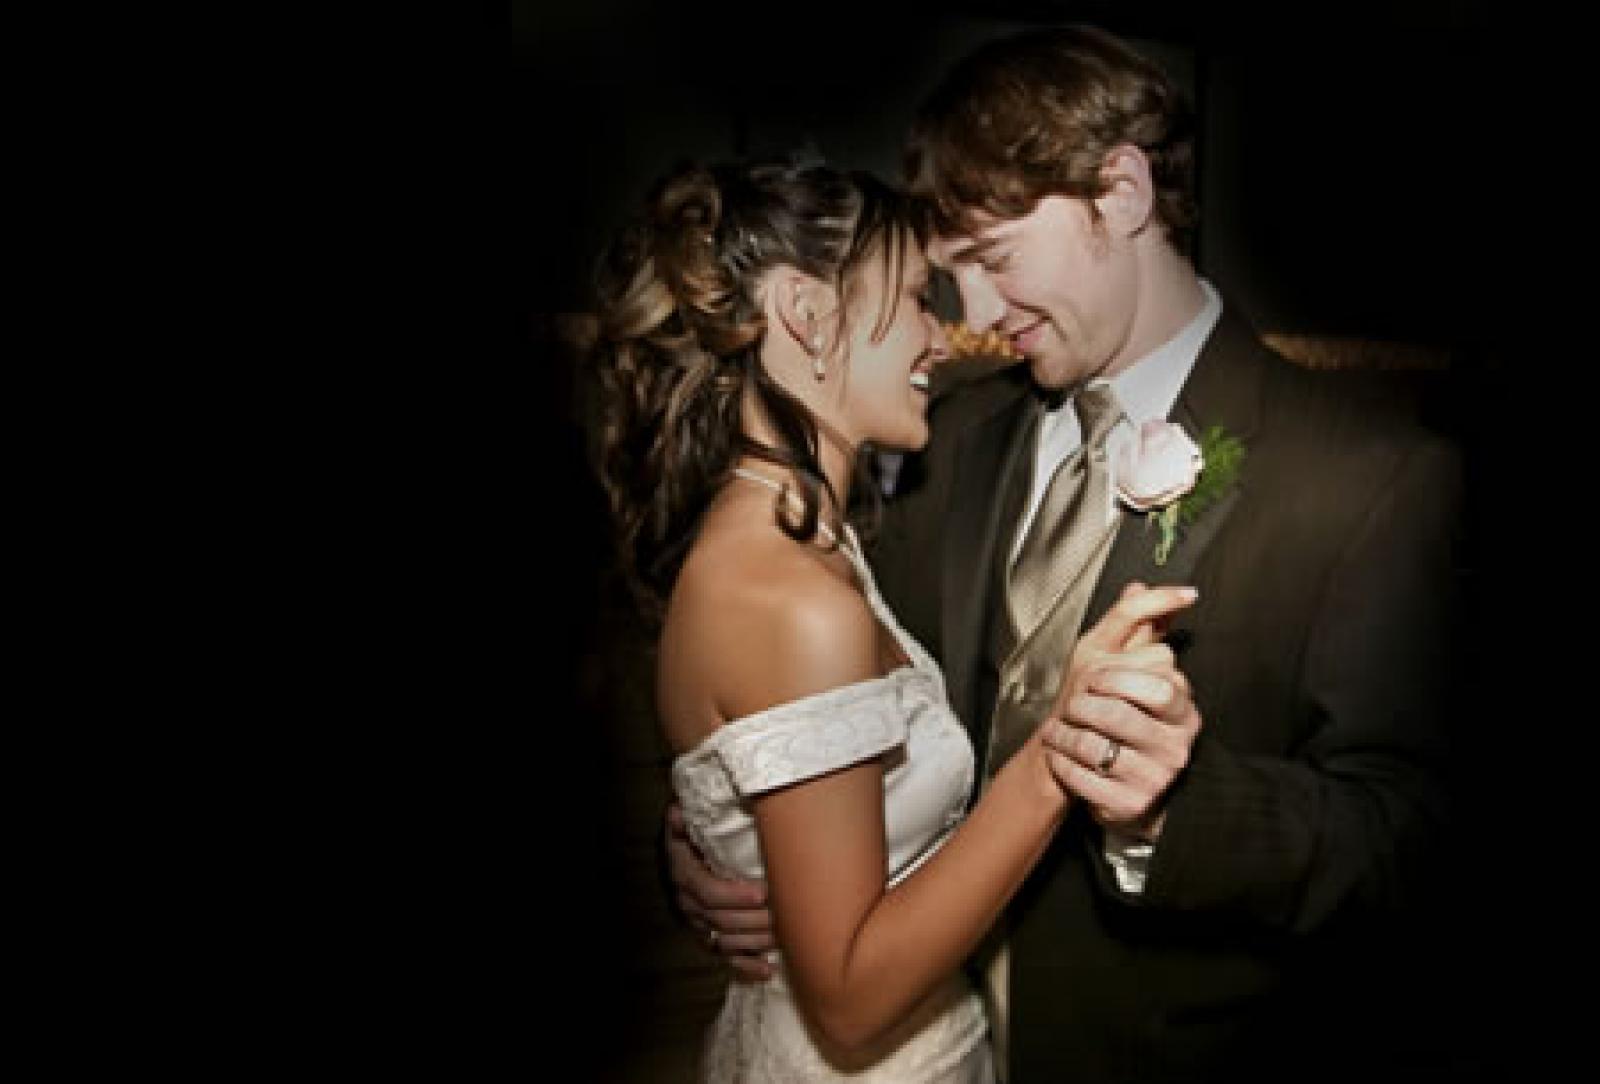 La banda sonora de vuestra boda.